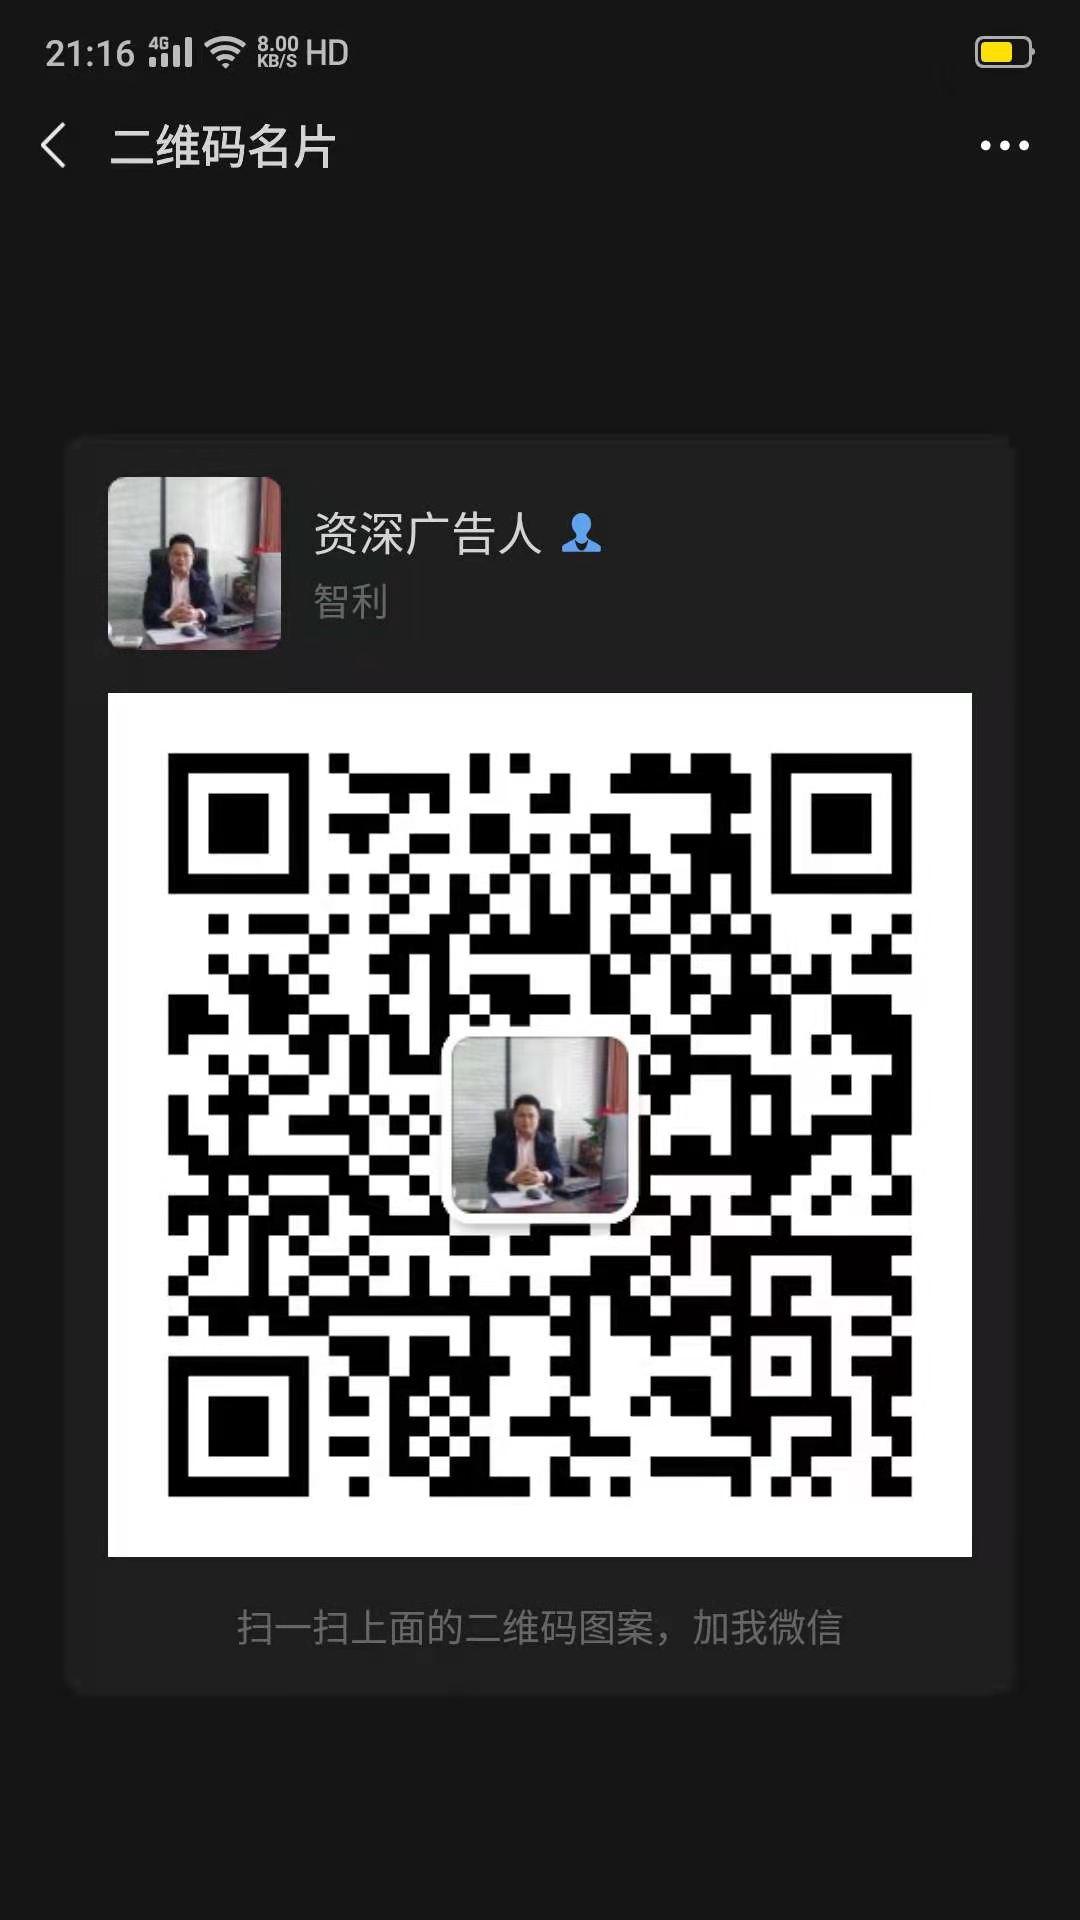 C:\Users\ADMINI~1\AppData\Local\Temp\WeChat Files\5a417a9c97a87cbe5767e55ce7d0029.jpg